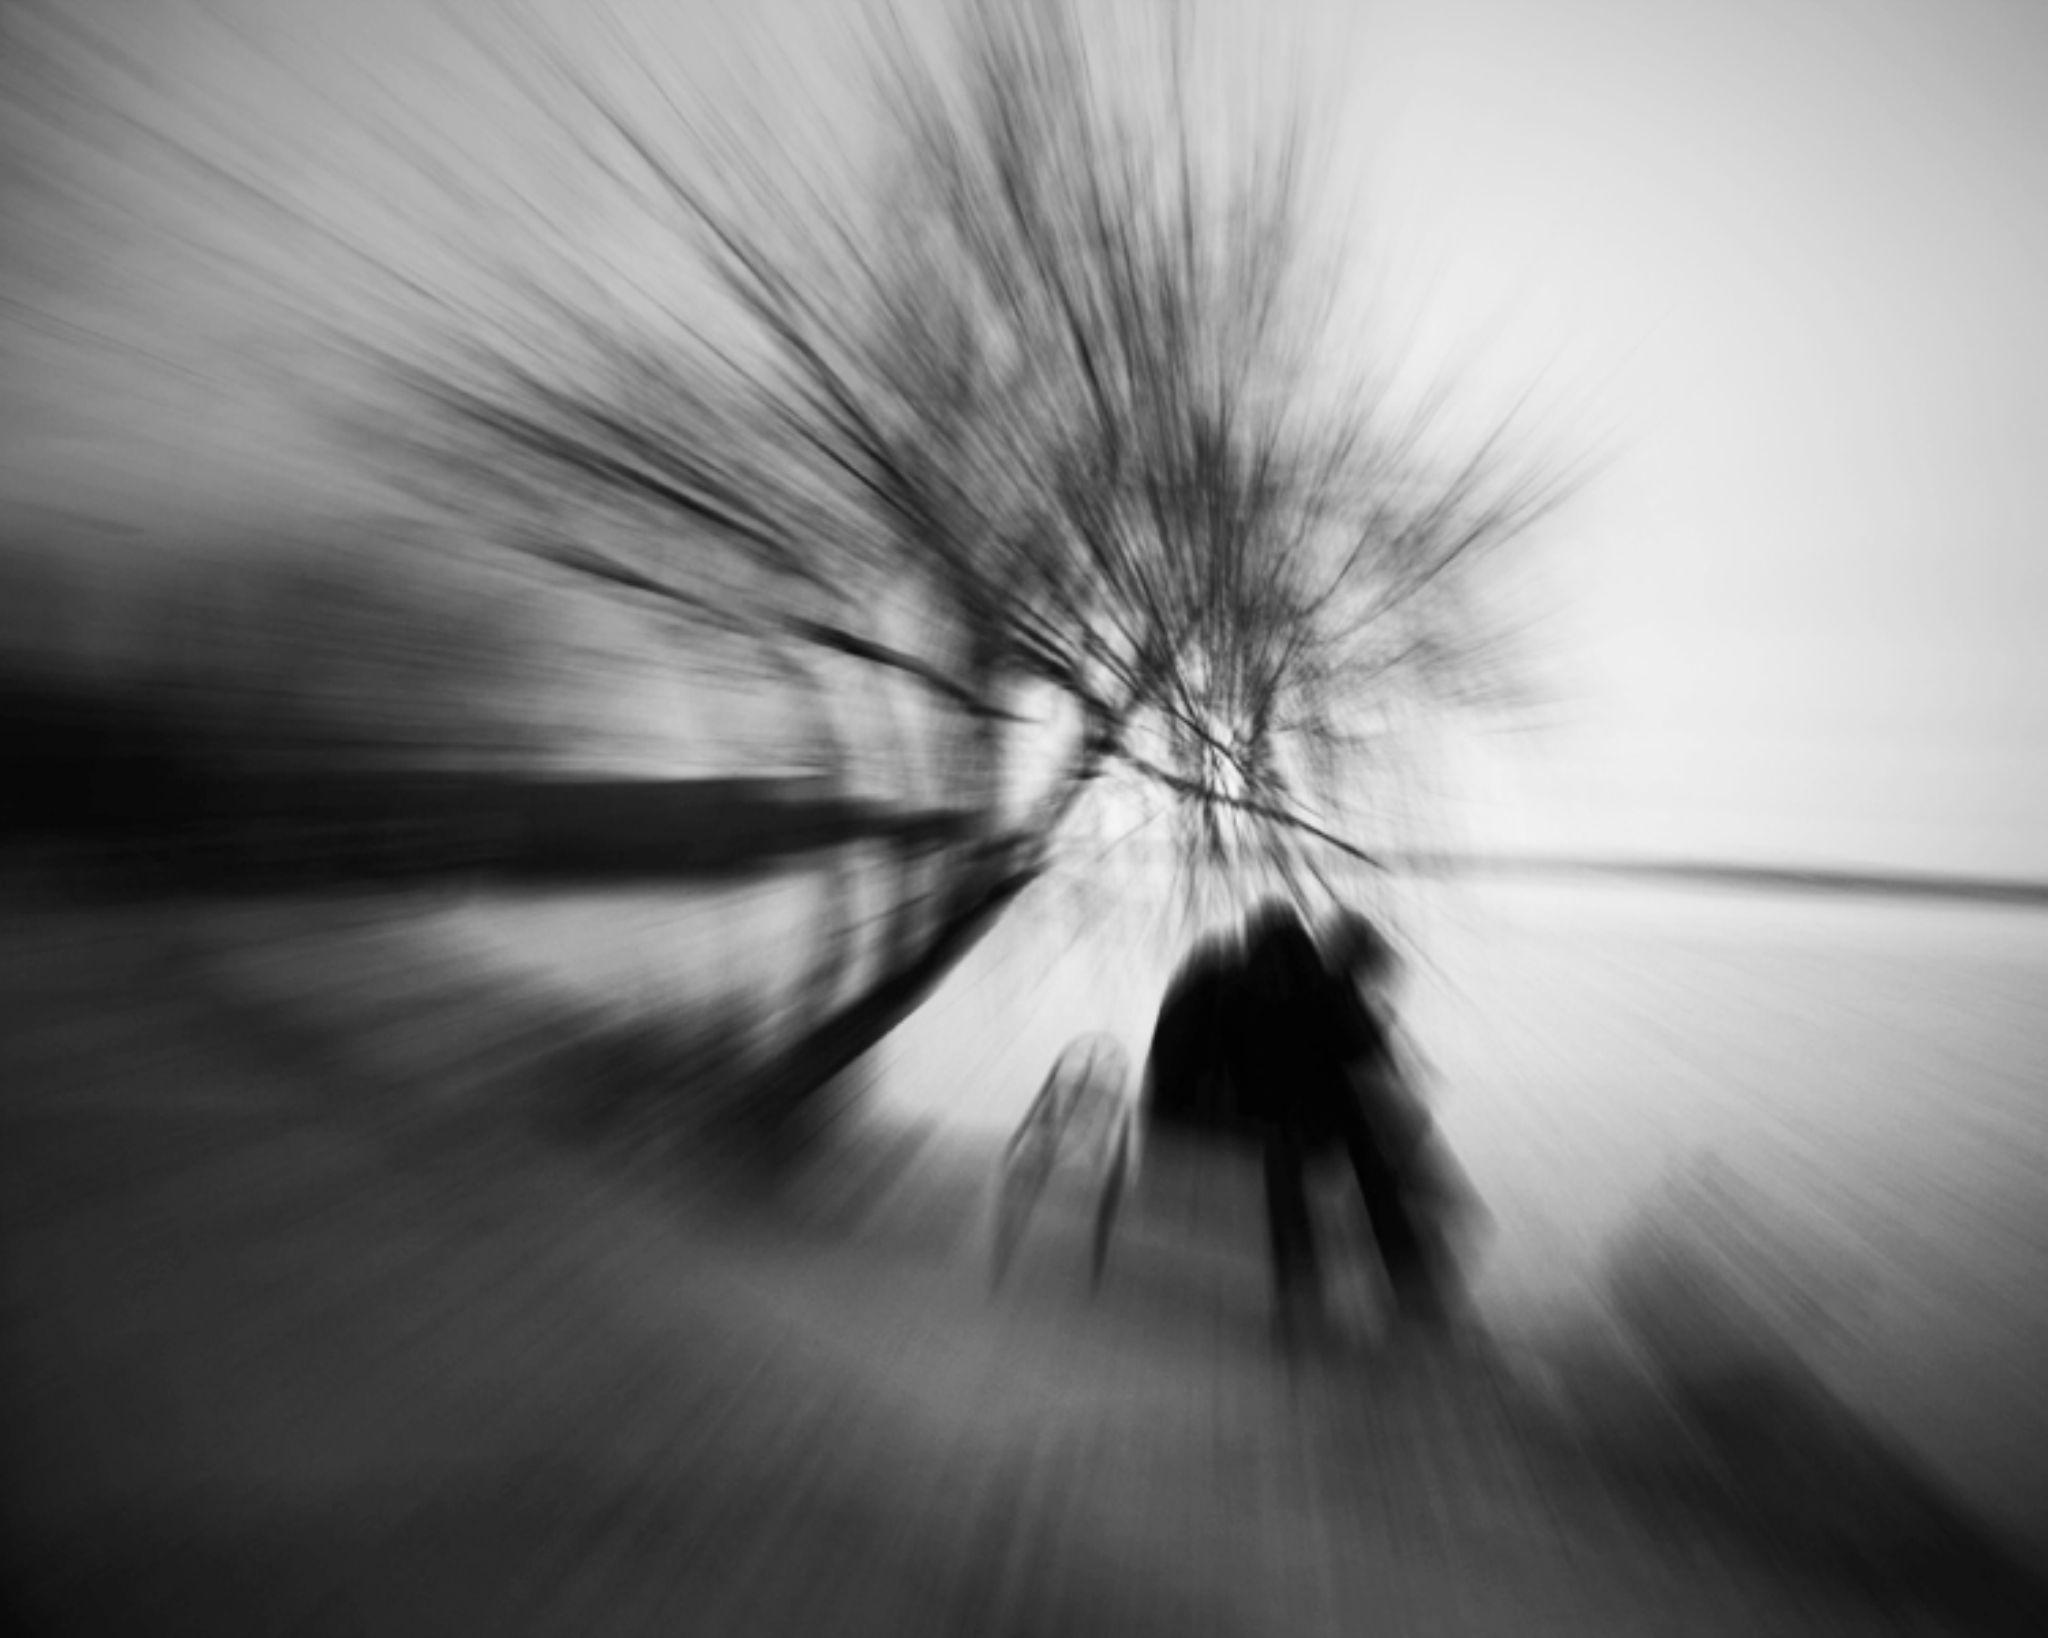 The loneliness of both  by Ziya YILDIRIM